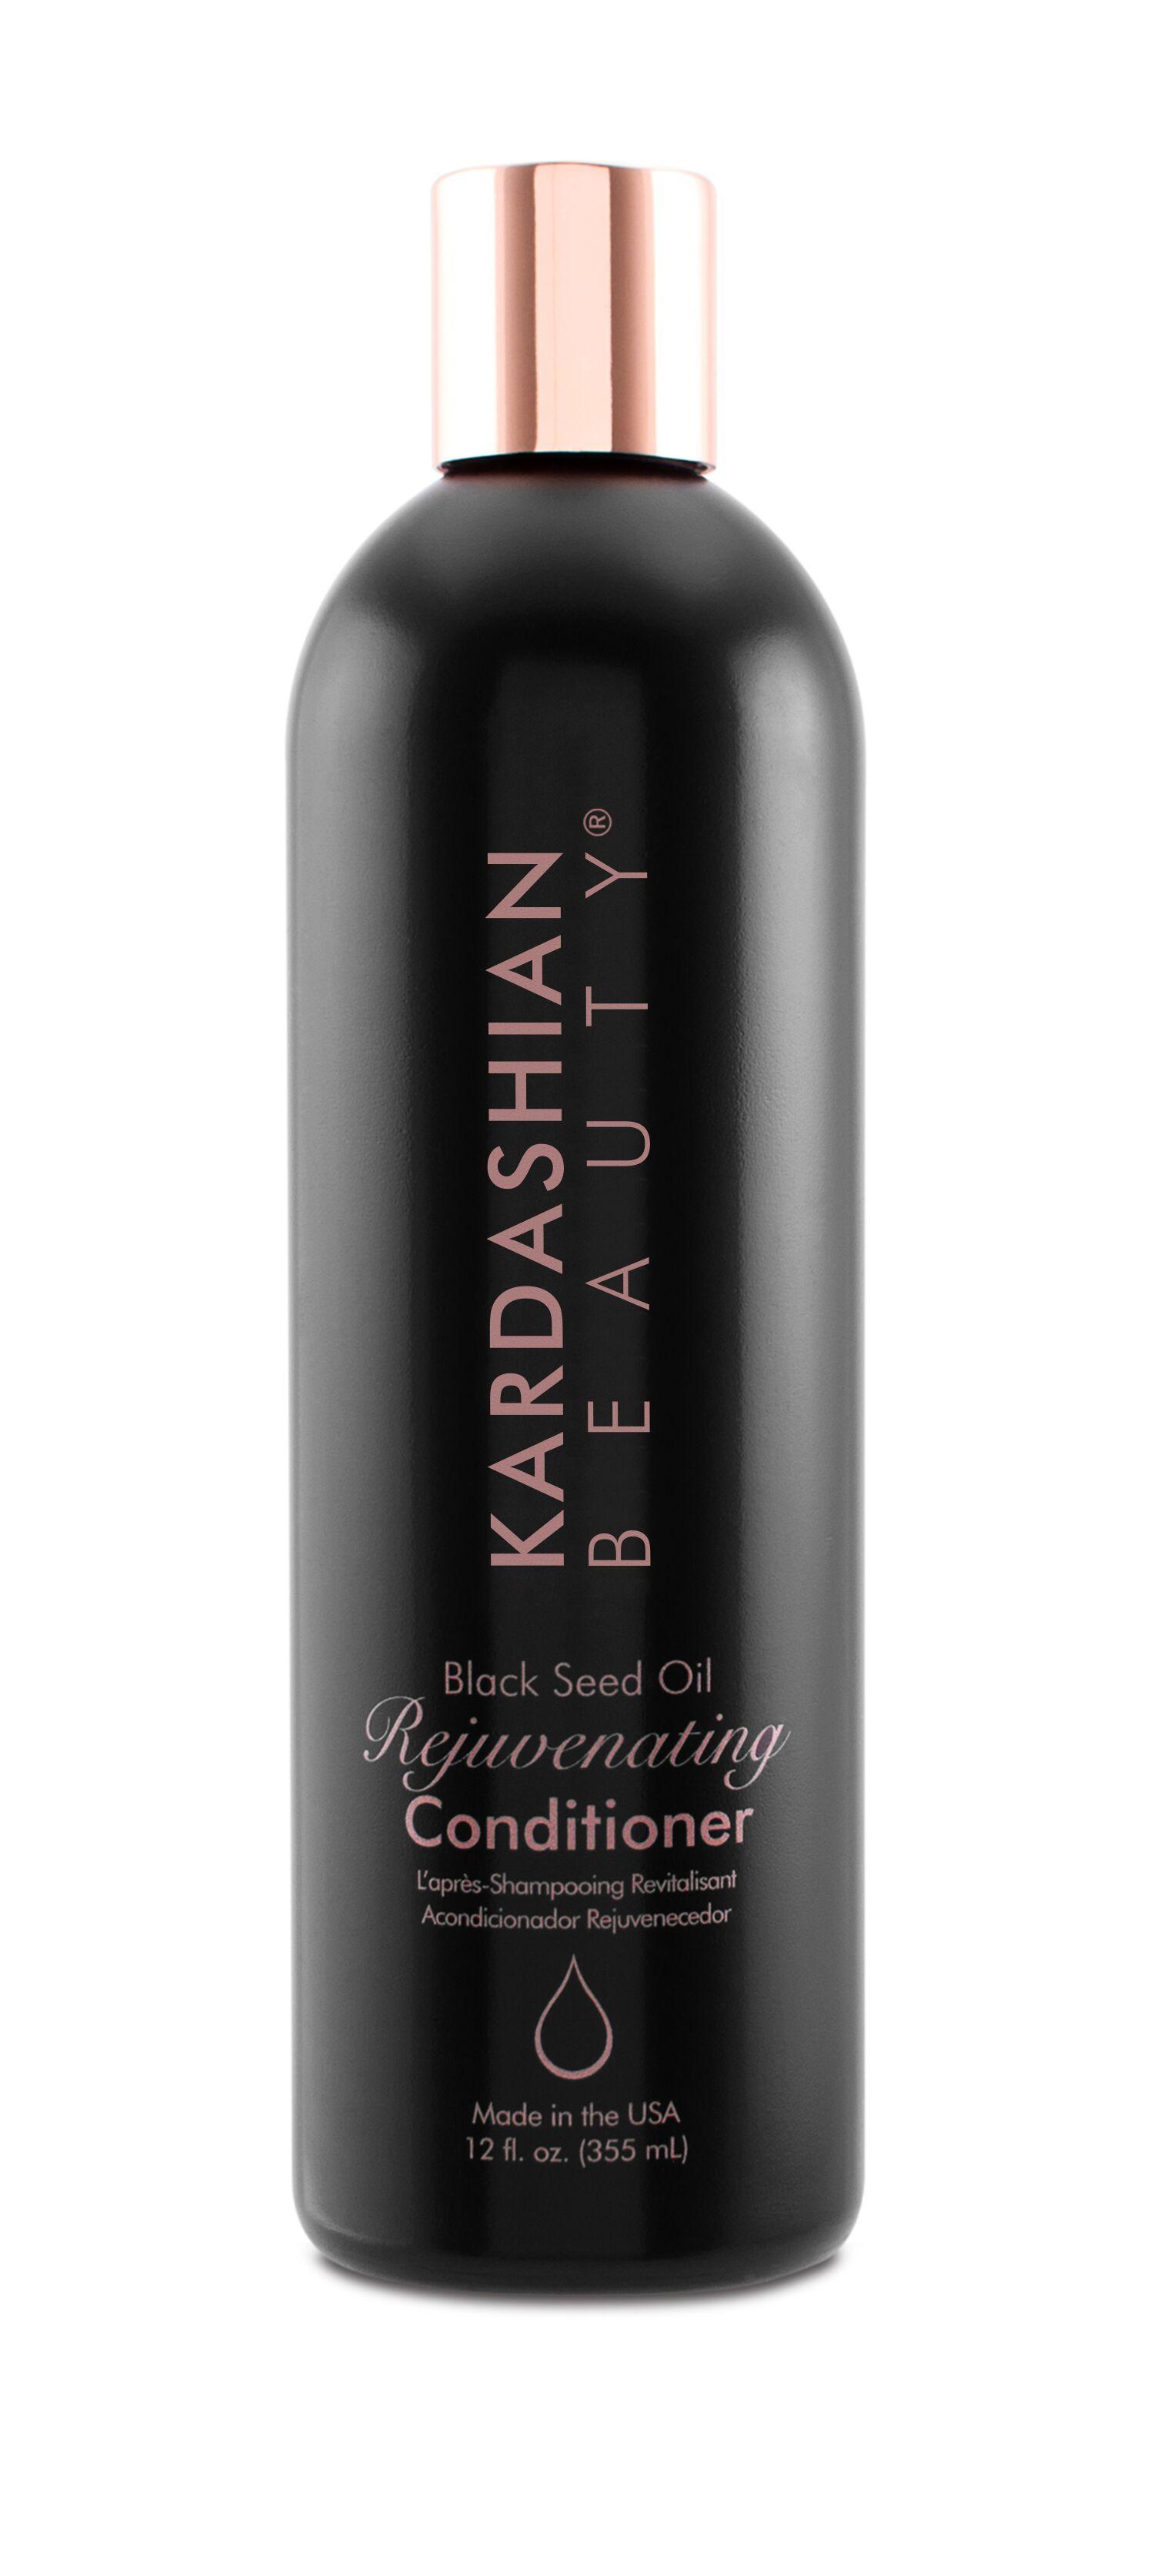 CHI Кондиционер омолаживающий с маслом черного тмина 355 млКондиционеры<br>Восстанавливает сухие повреждённые волосы, увлажняет, питает, наполняет их необходимыми витаминами и антиоксидантами. Избавляет от пушистости, придаёт прочность, блеск и&amp;nbsp;гладкость. Облегчает расчёсываемость. Активные ингредиенты: гидролизованный шёлк, масло чёрного тмина, пантенол<br>